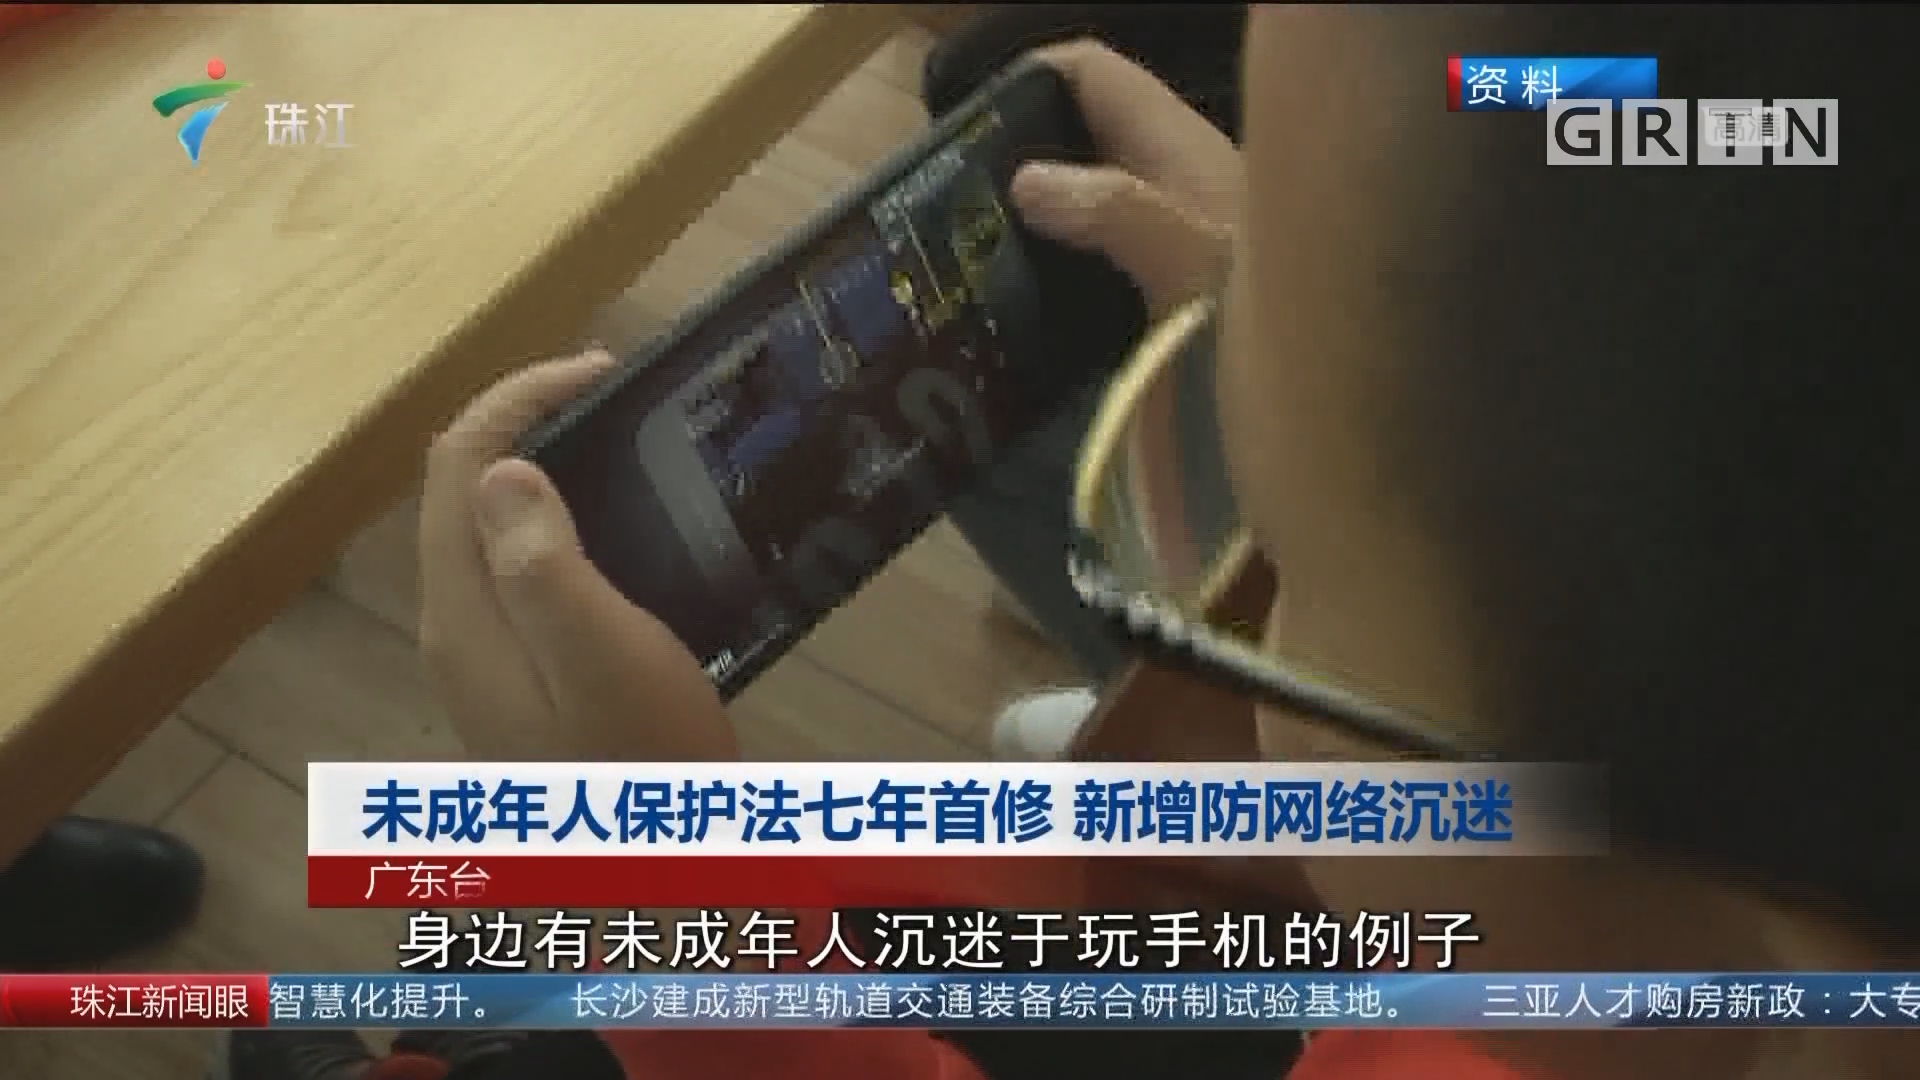 未成年人保护法七年首修 新增防网络沉迷